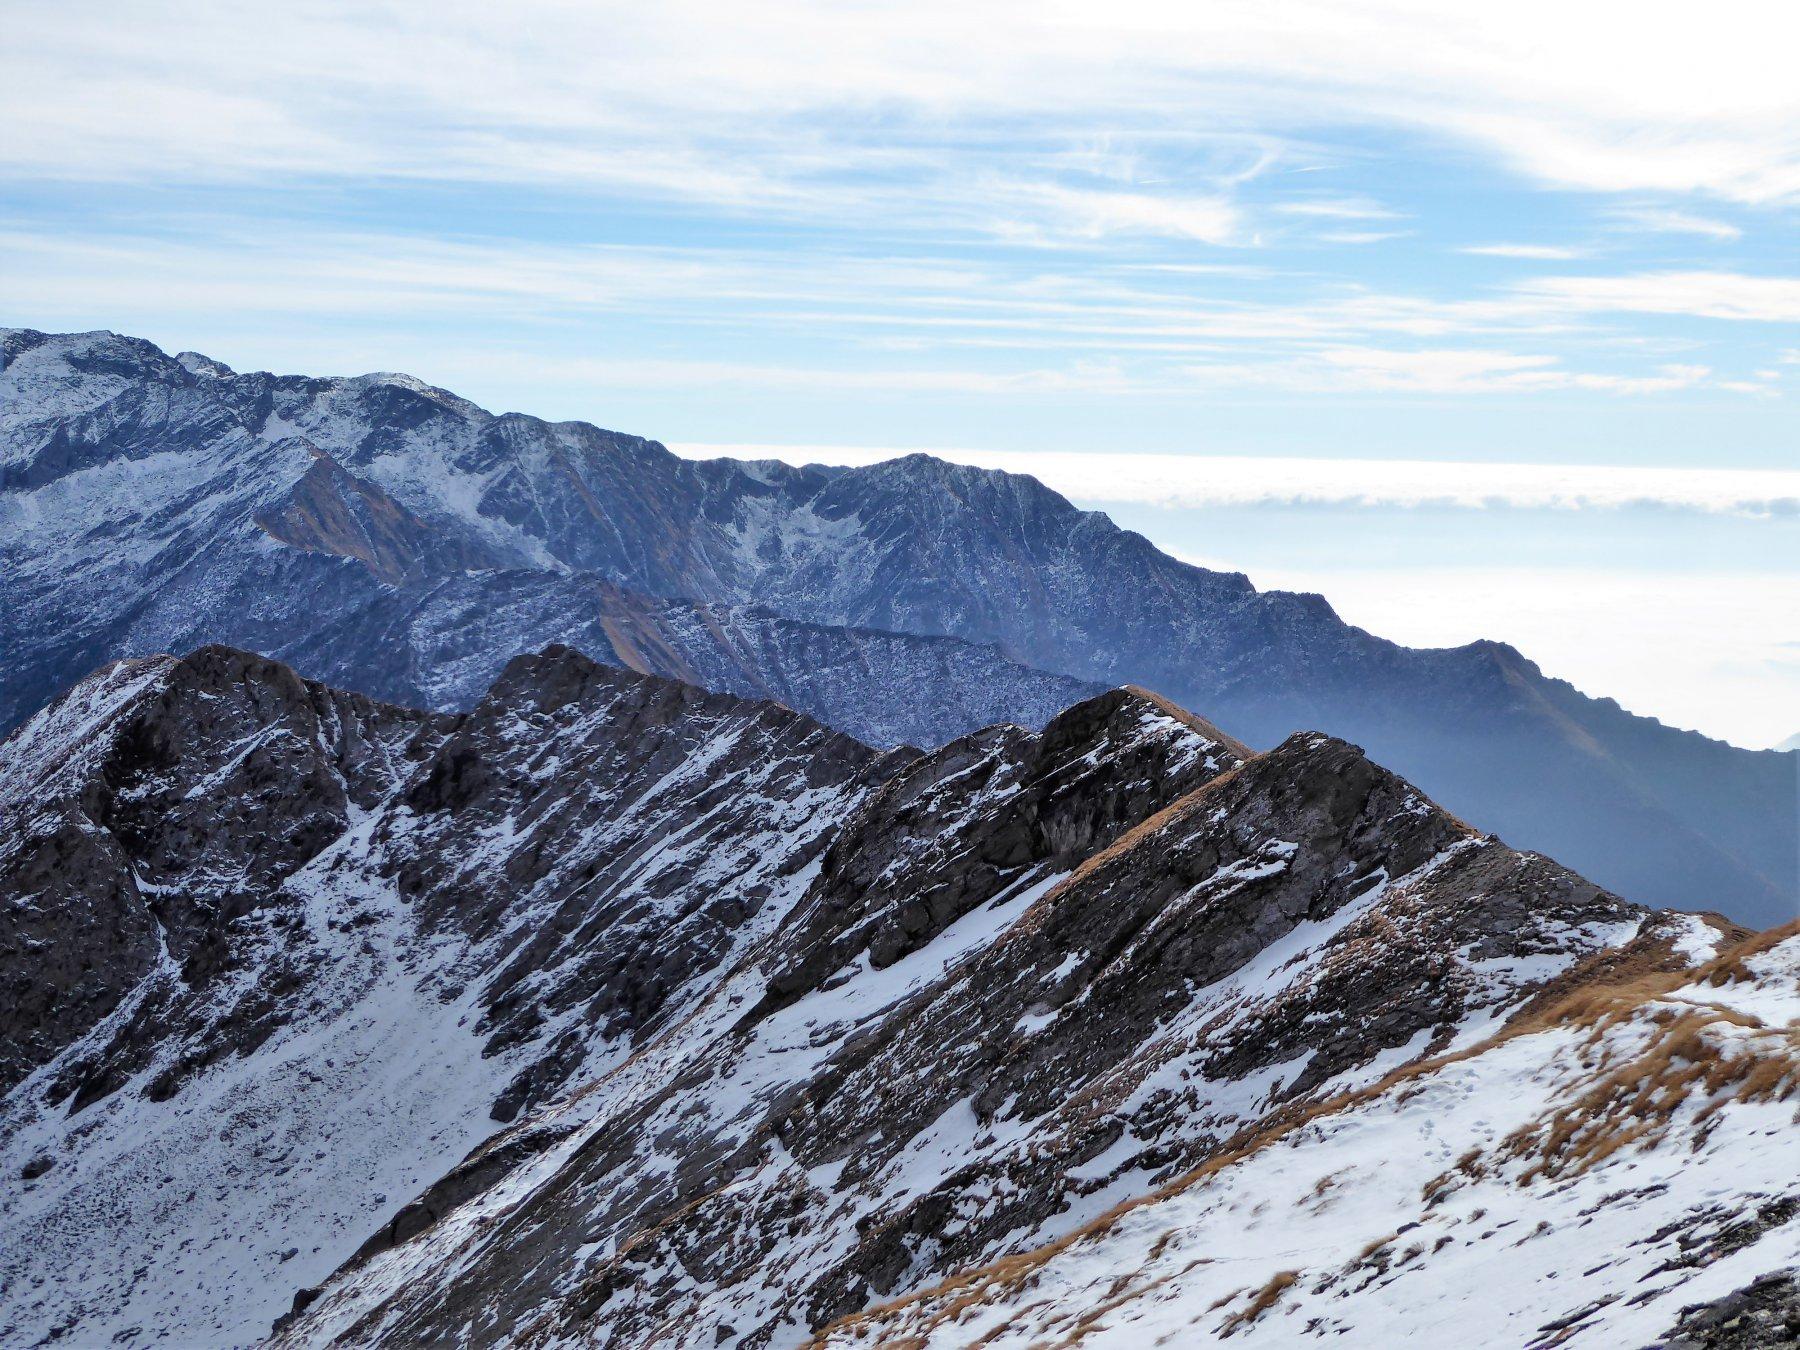 la cresta percorsa vista dal Colle della Borra